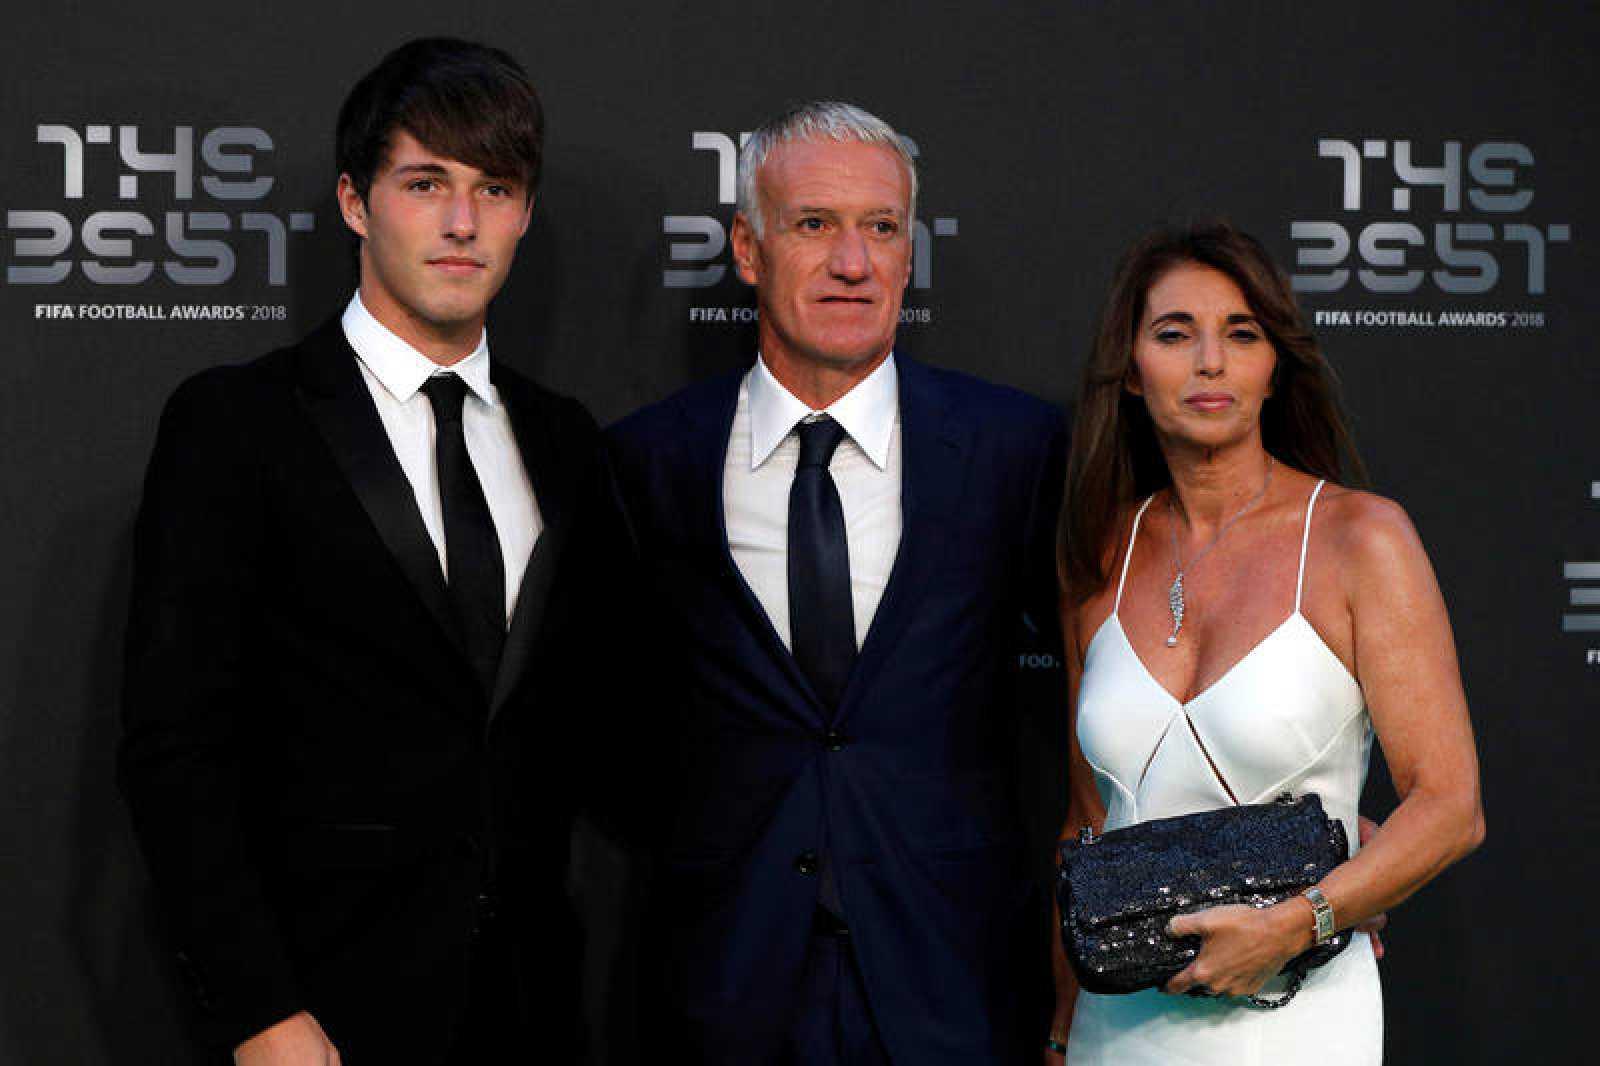 Deschamps, junto a sus acopañantes, antes de la gala de la FIFA a los mejores del 2018